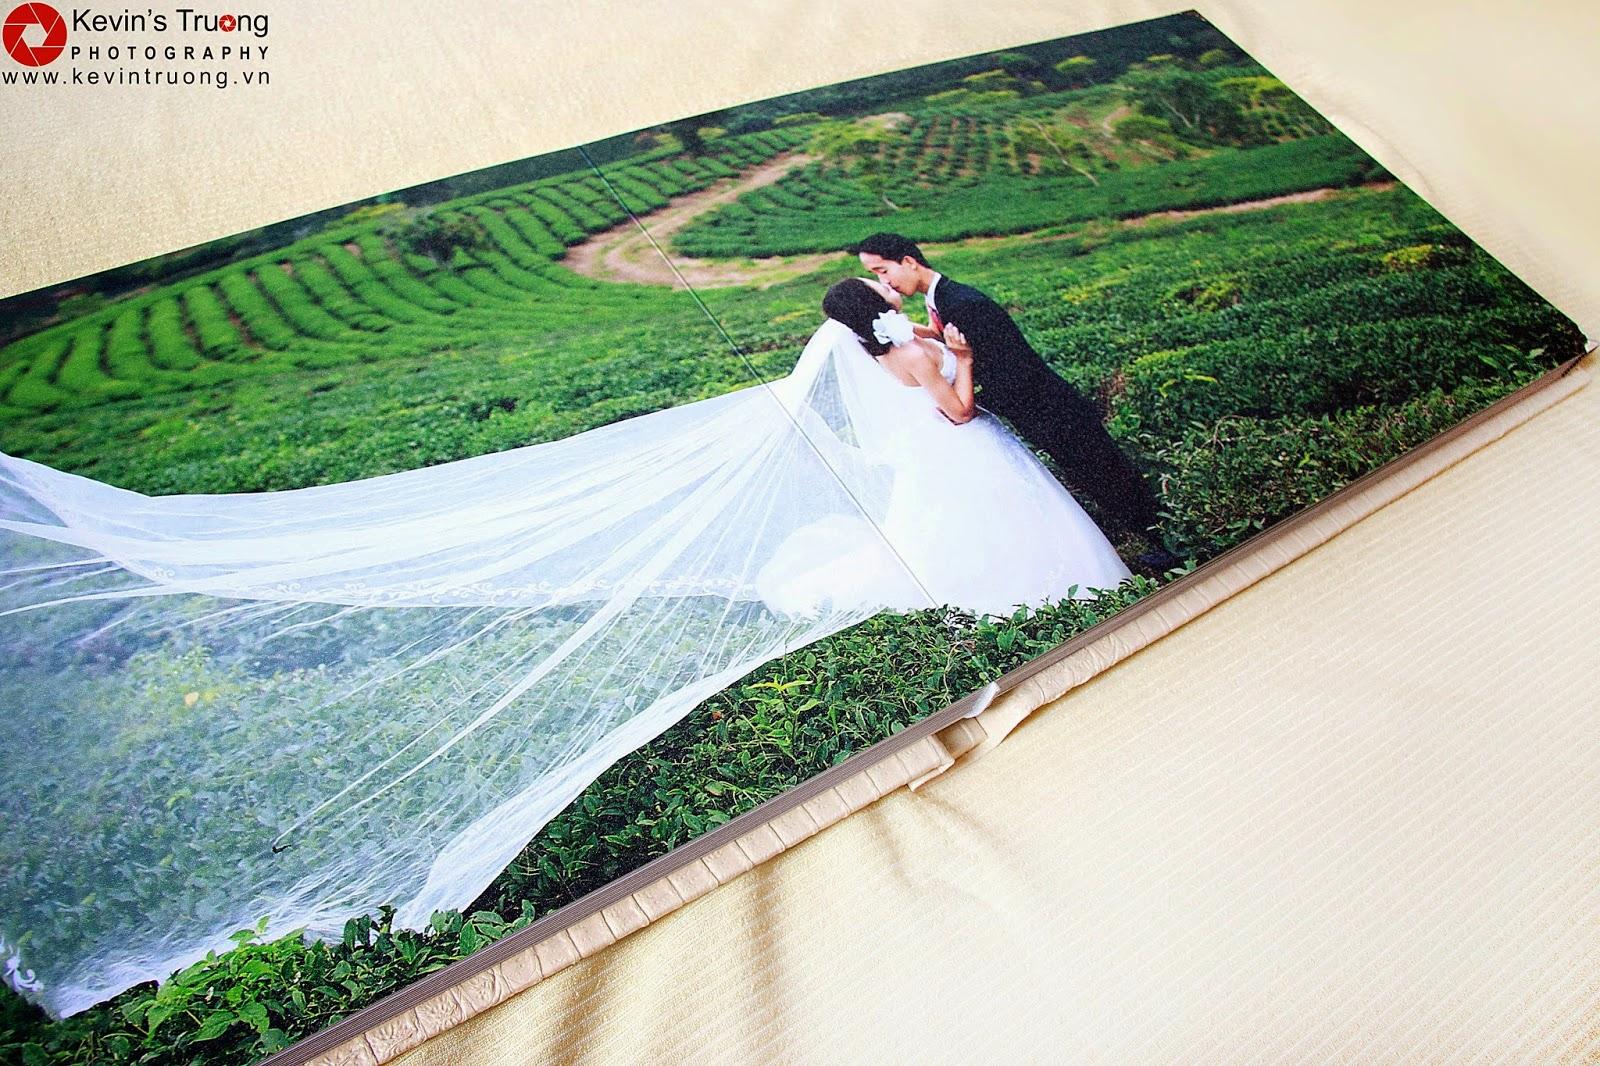 Gia Công-In Album Cát Kim Tuyến-Album 3D,Photobook,Ép gỗ các loại - 2